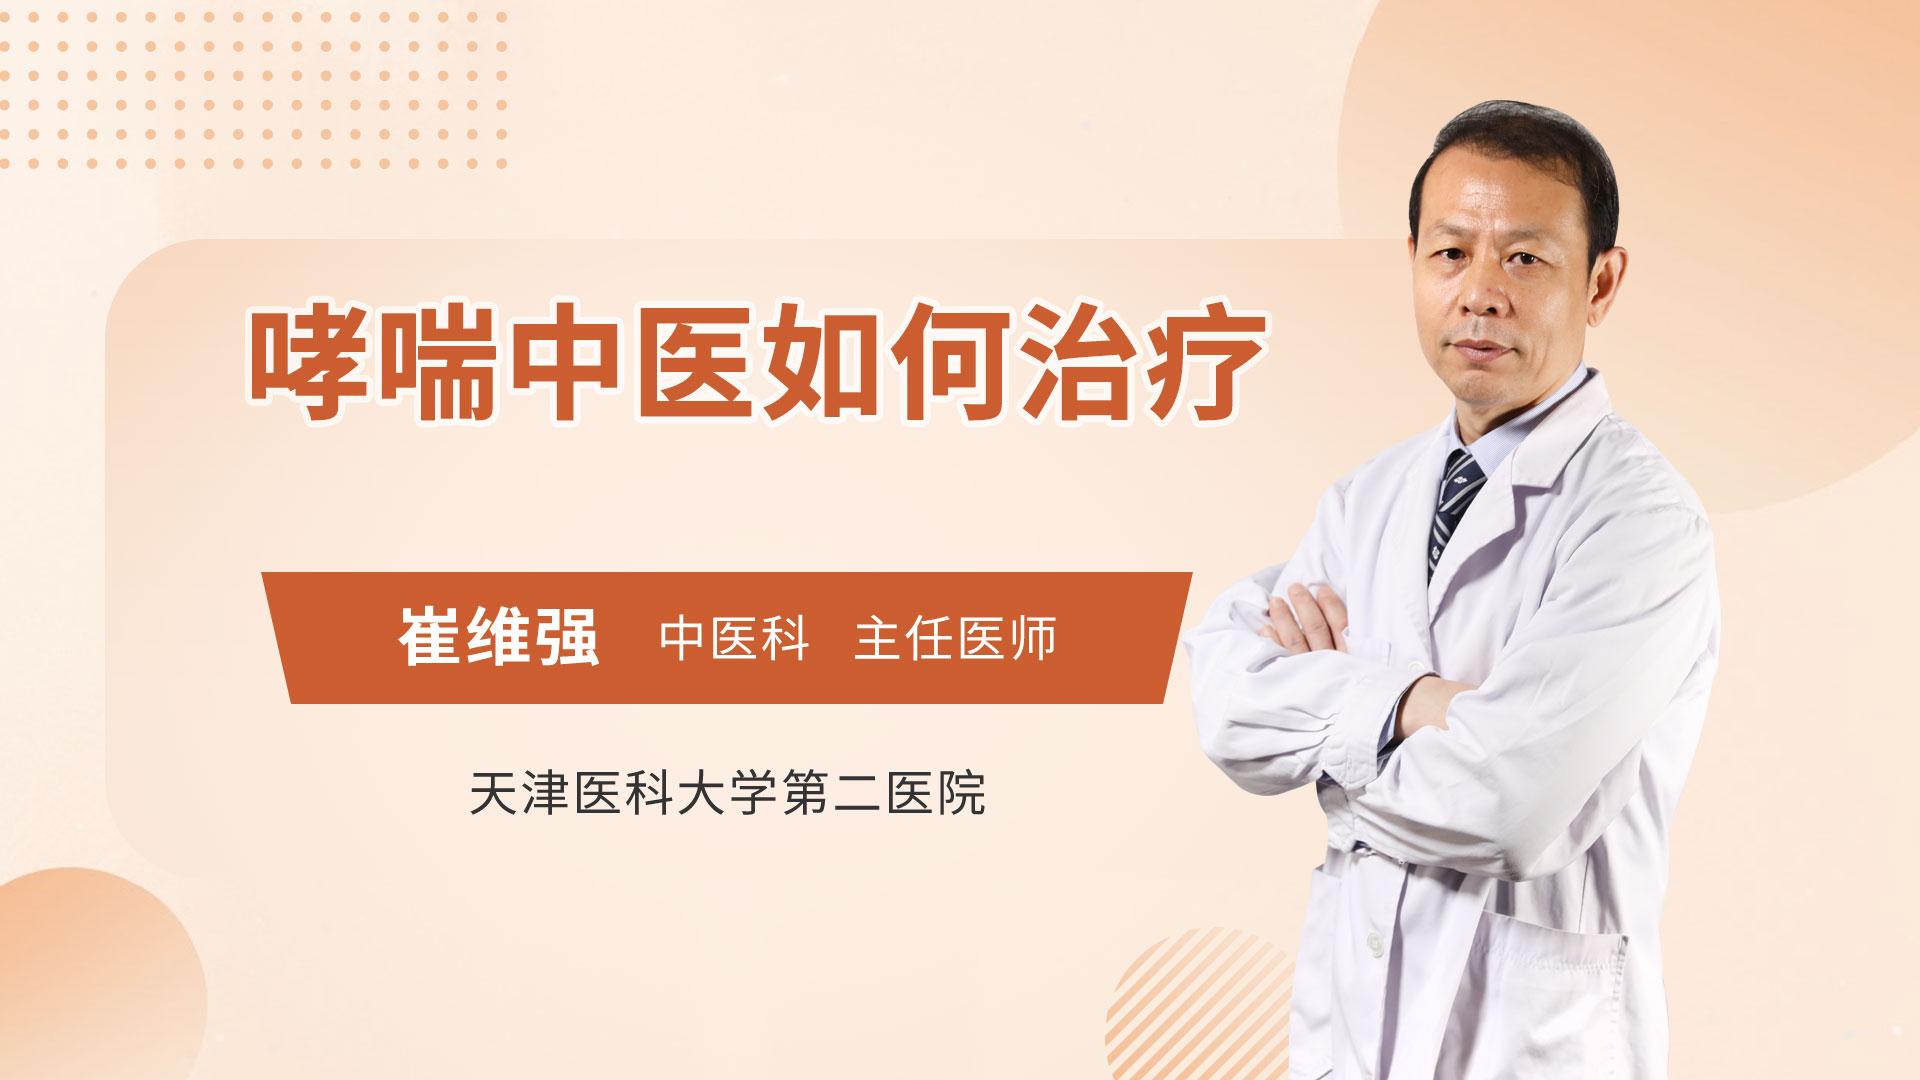 哮喘中医如何治疗